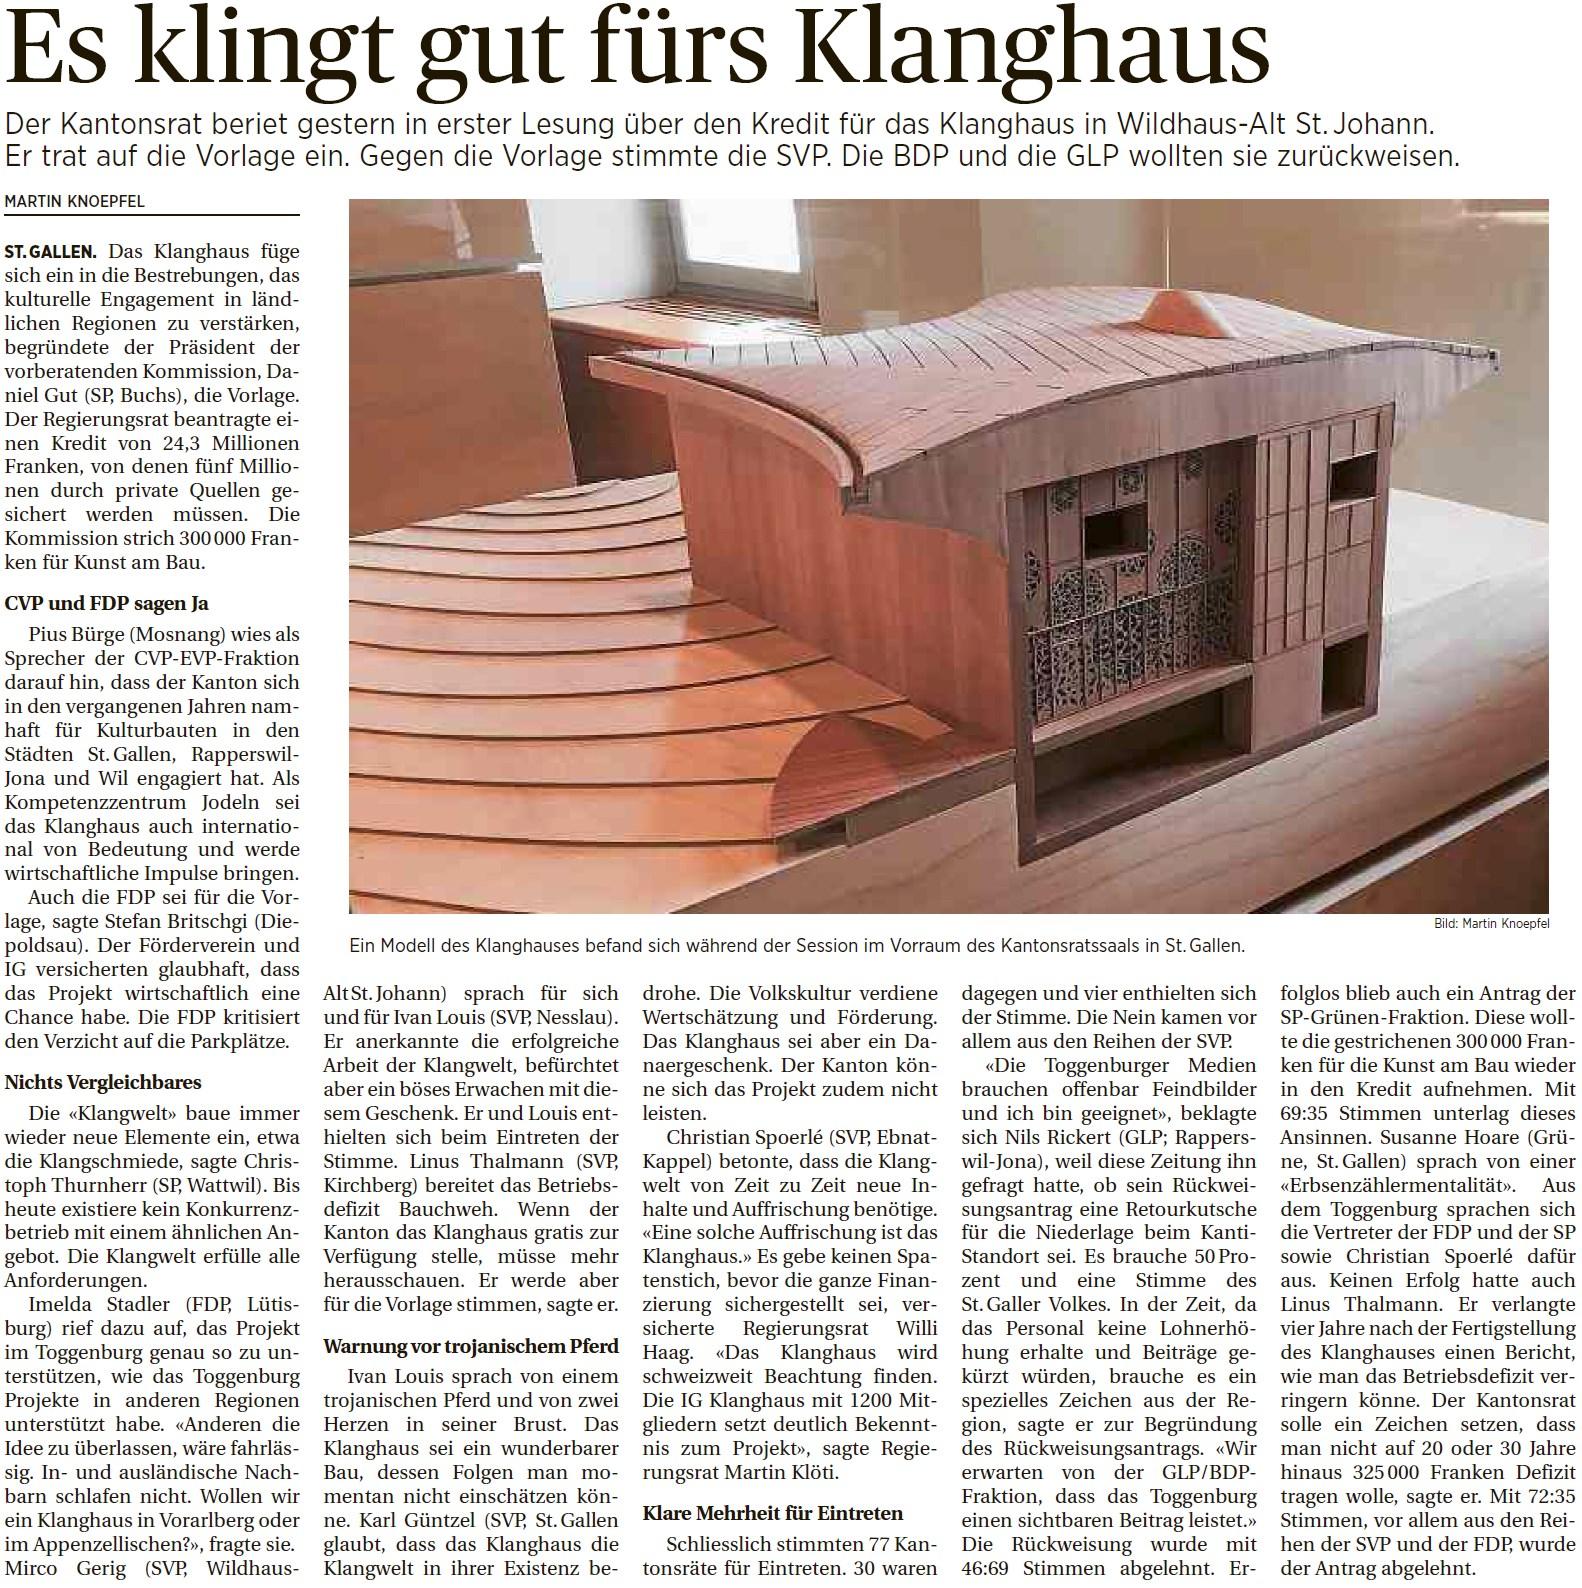 Es klingt gut fürs Klanghaus (Donnerstag, 03.12.2015)